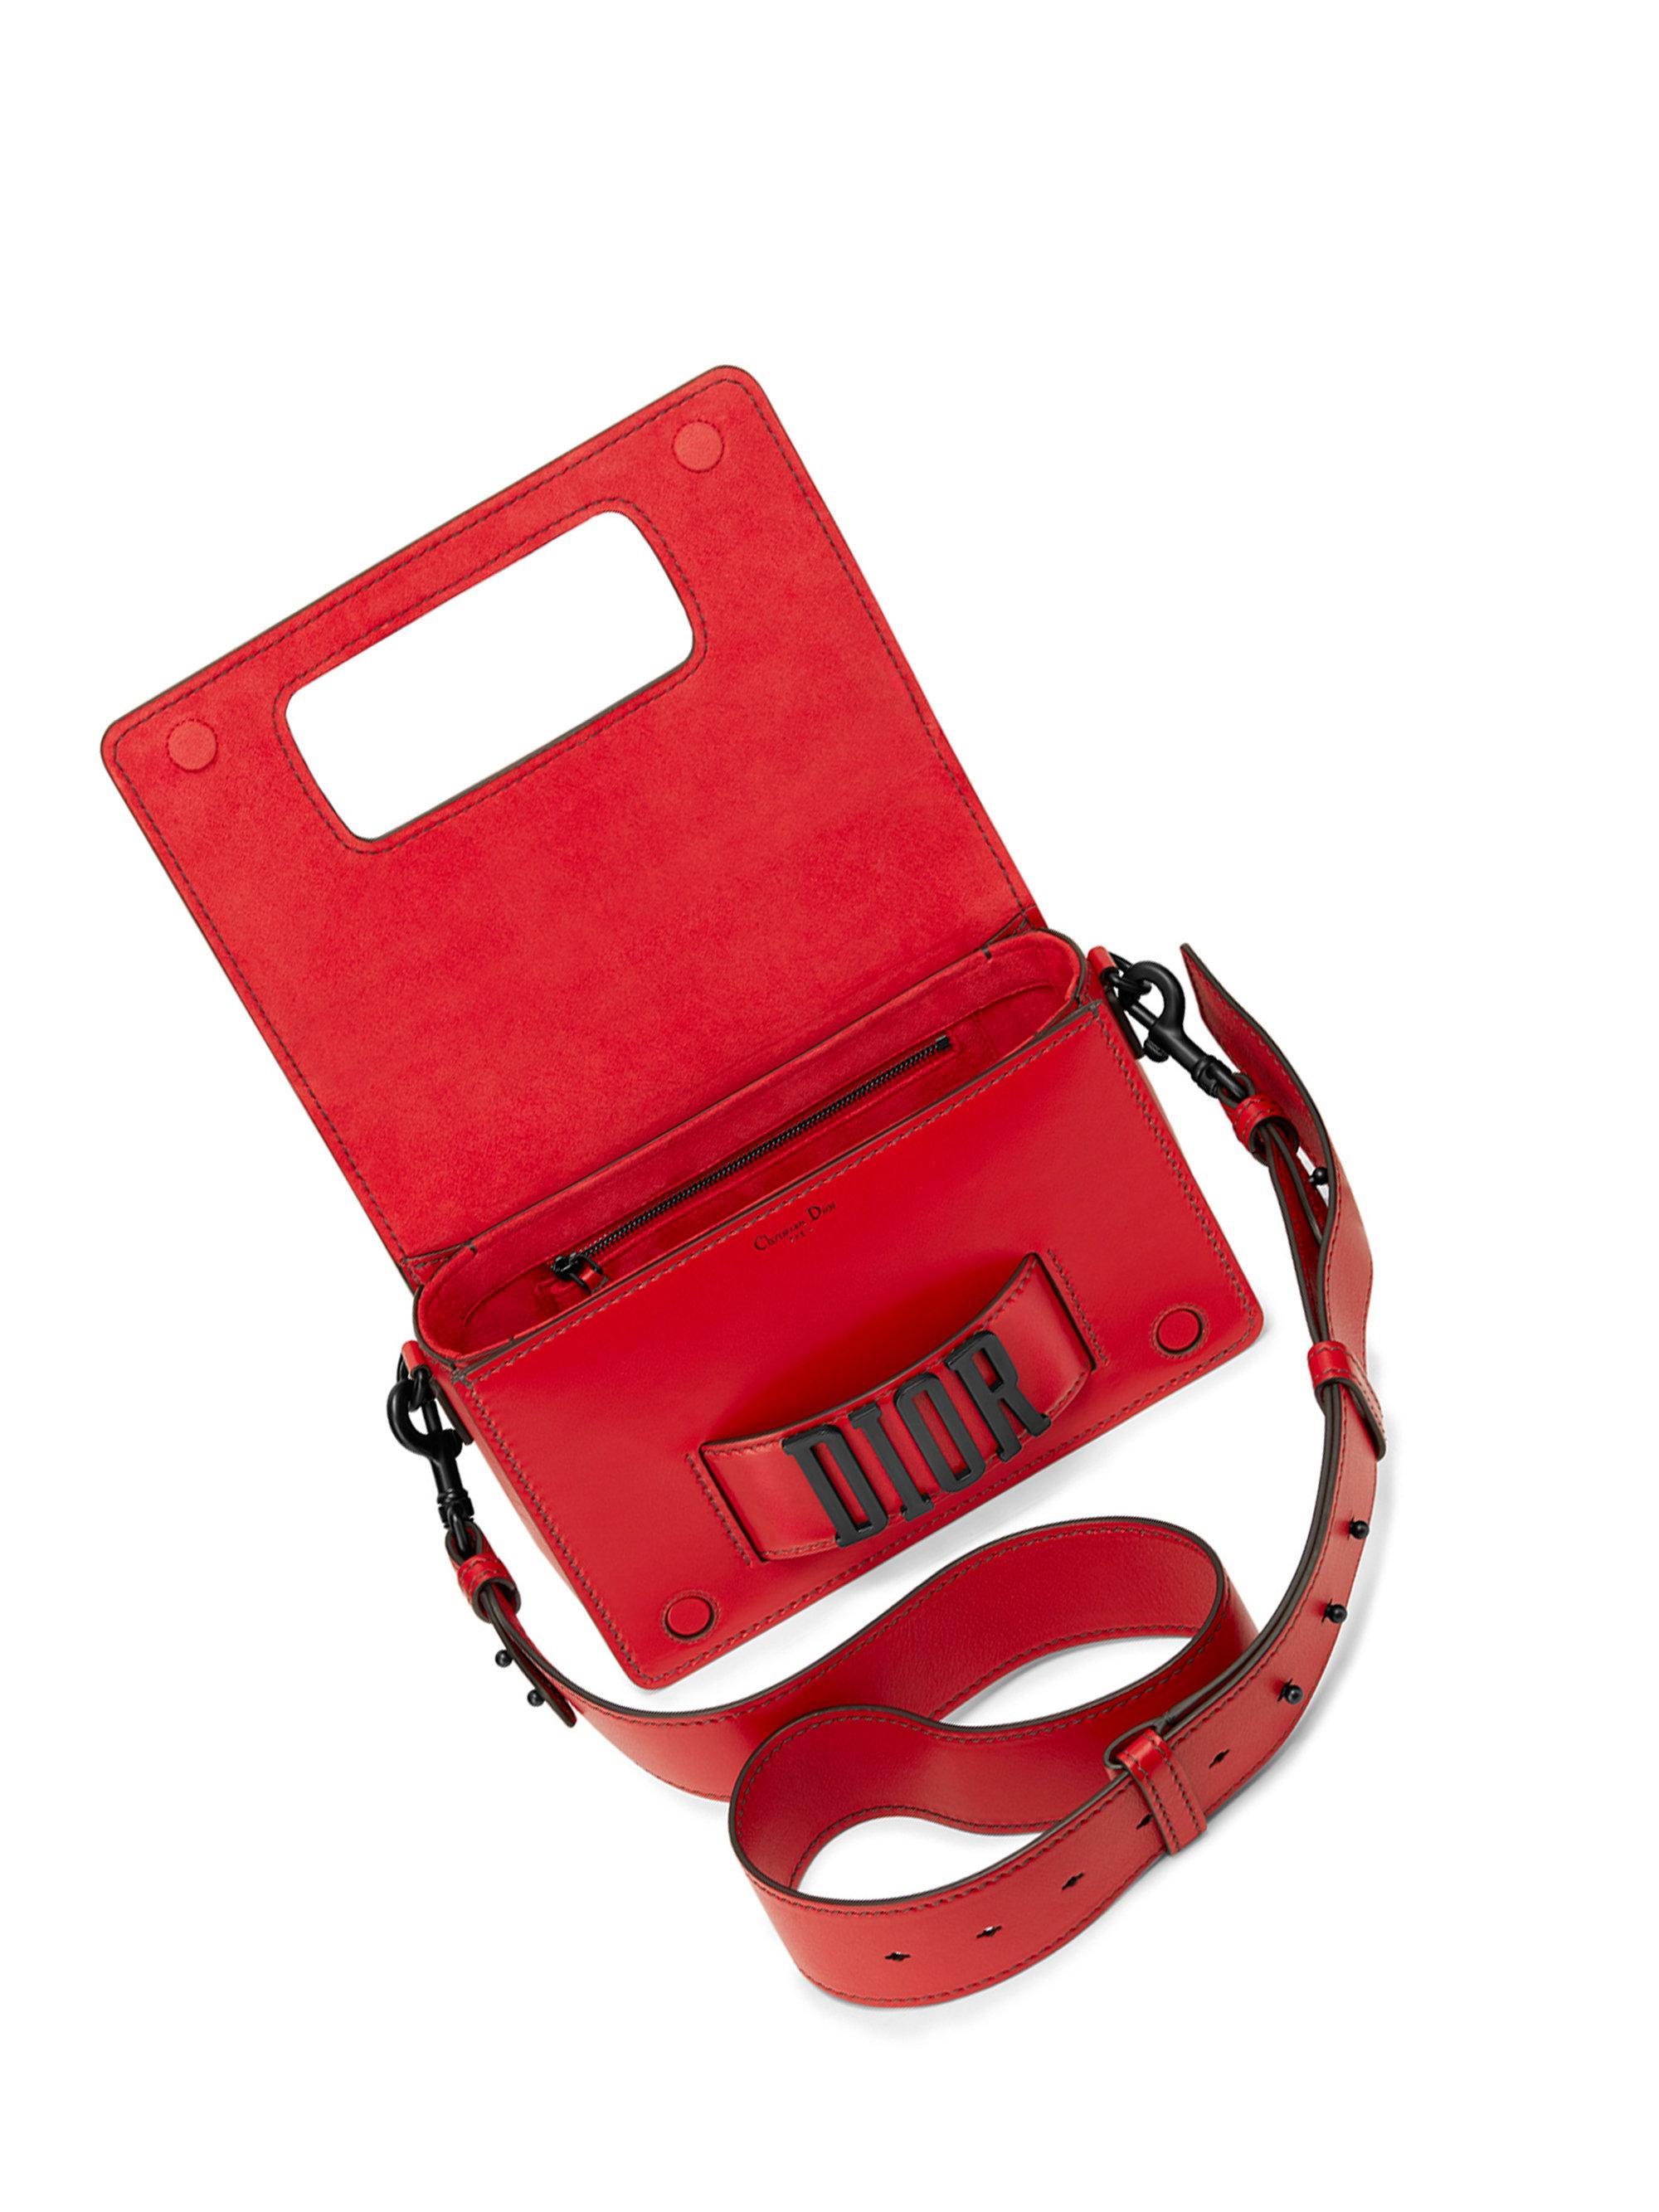 Dior Handbags Nordstrom